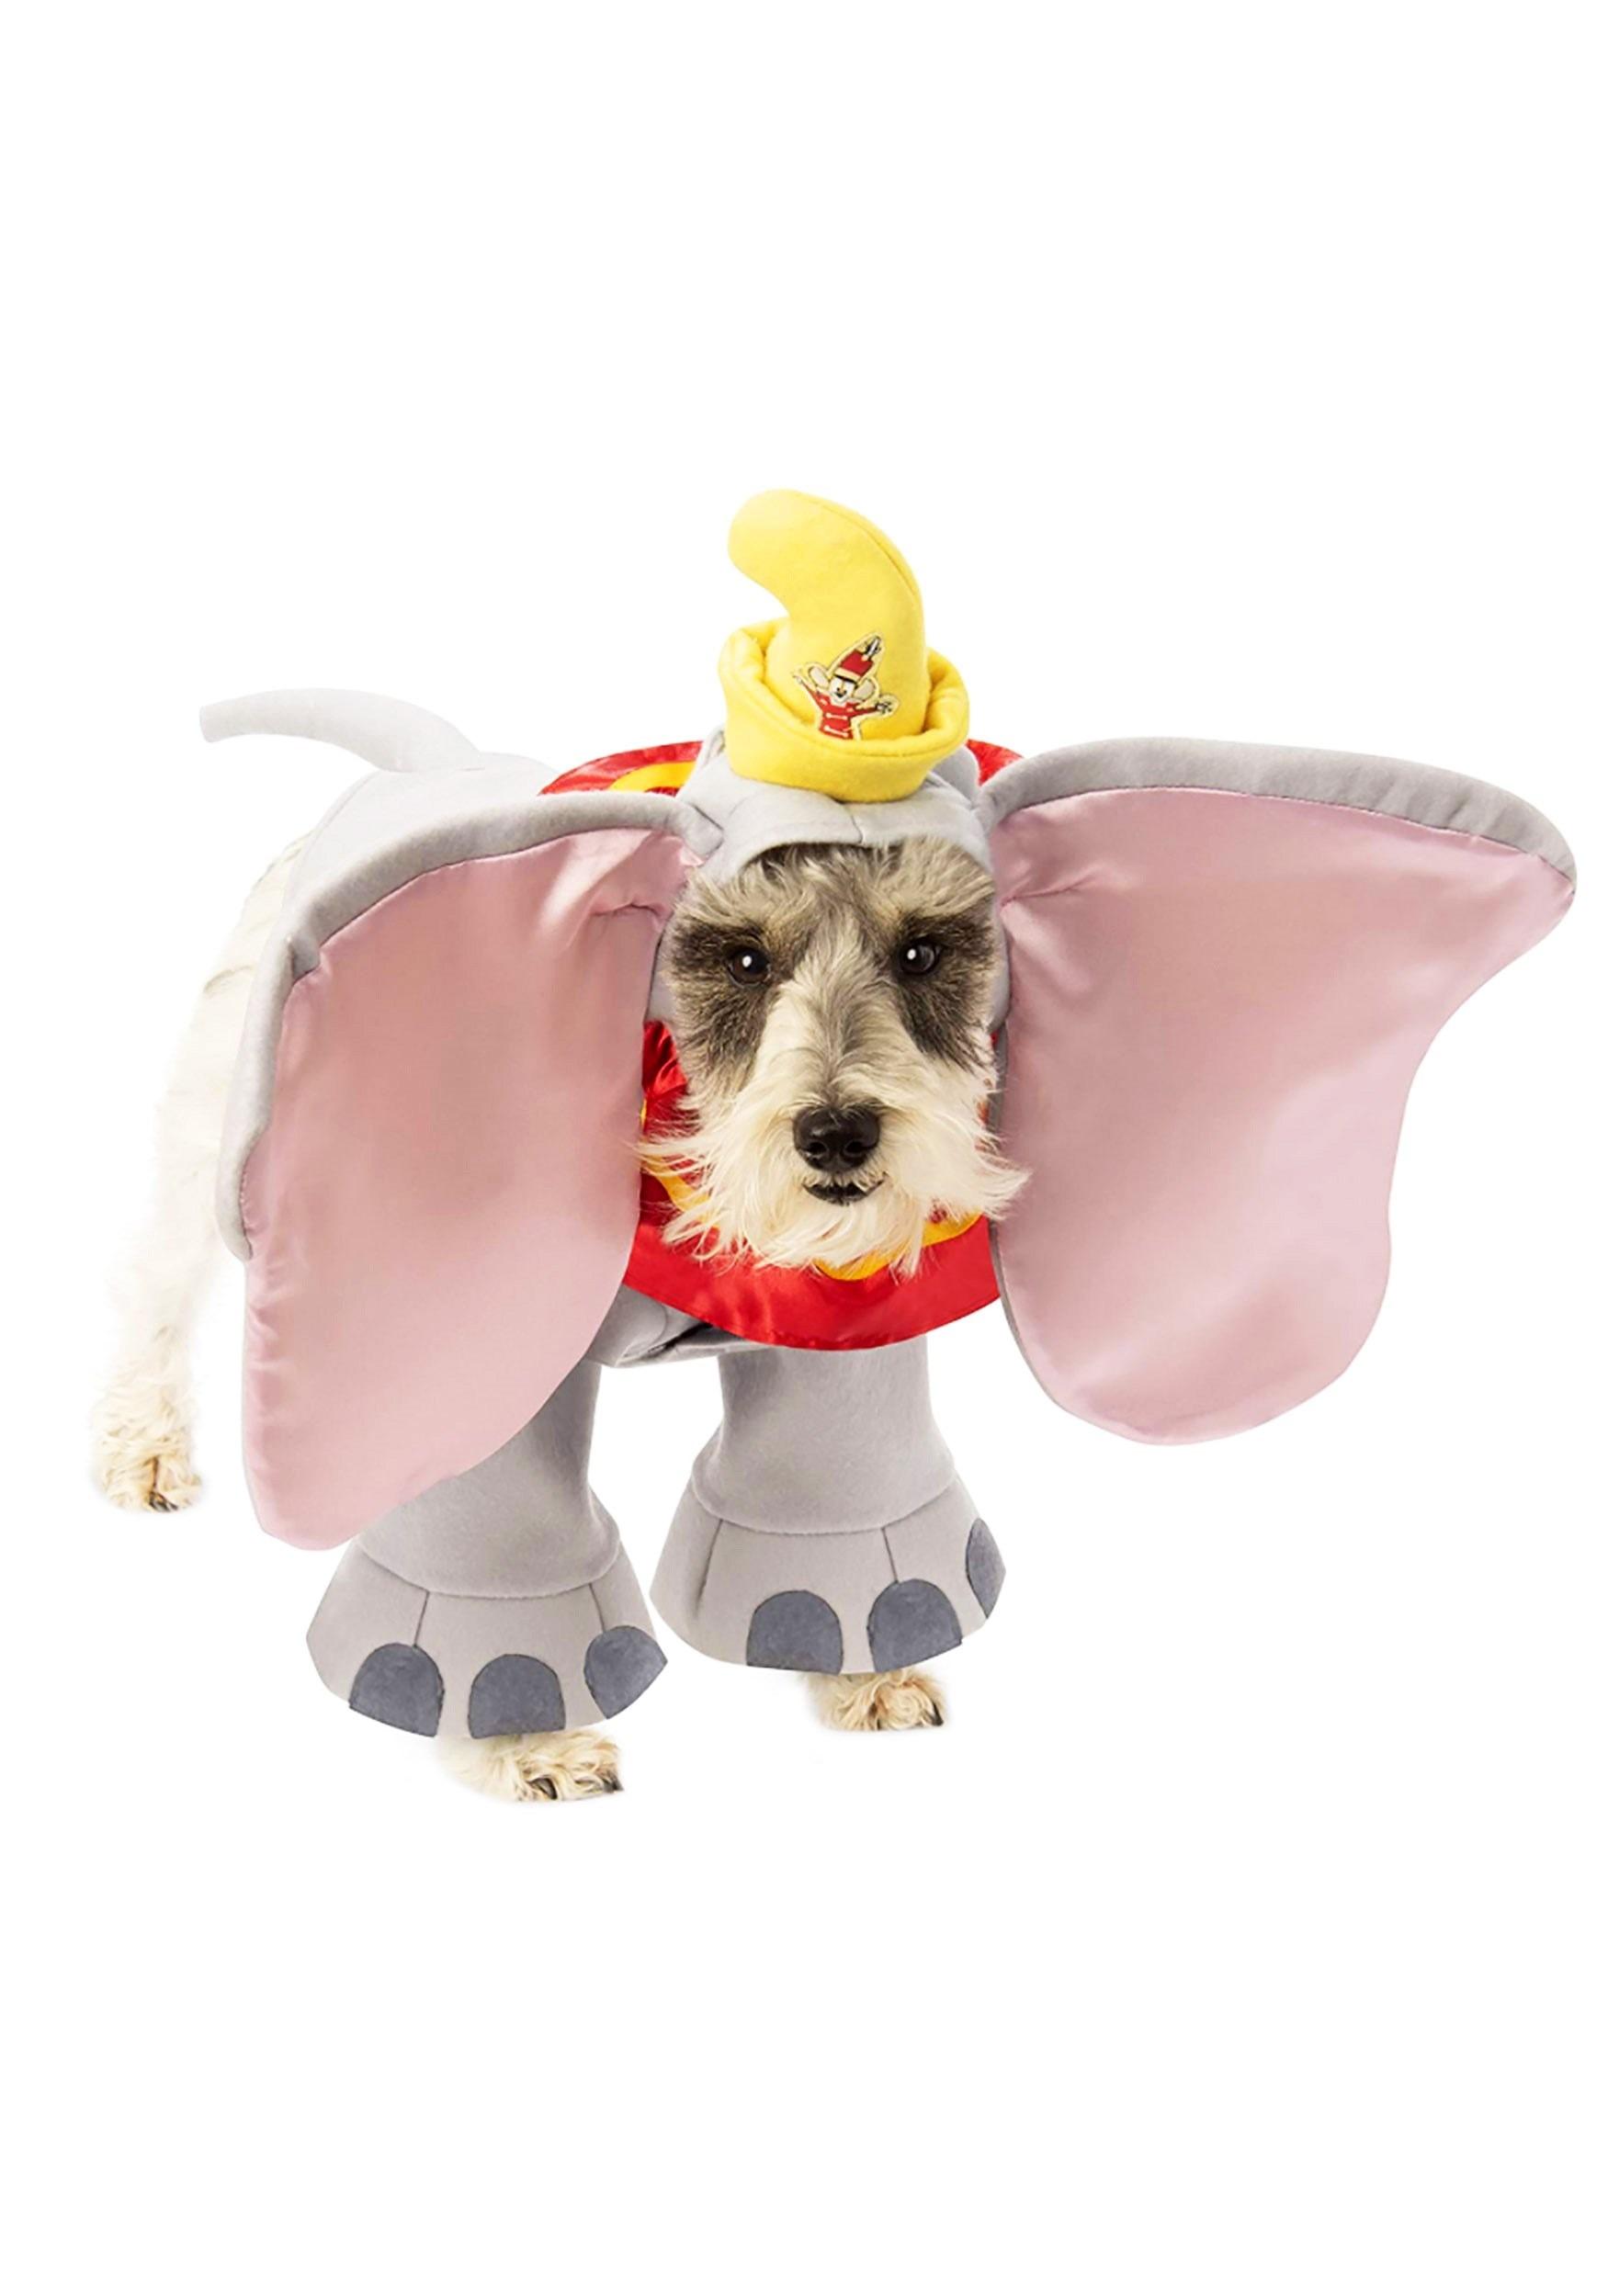 Disney's Dumbo Dog Costume